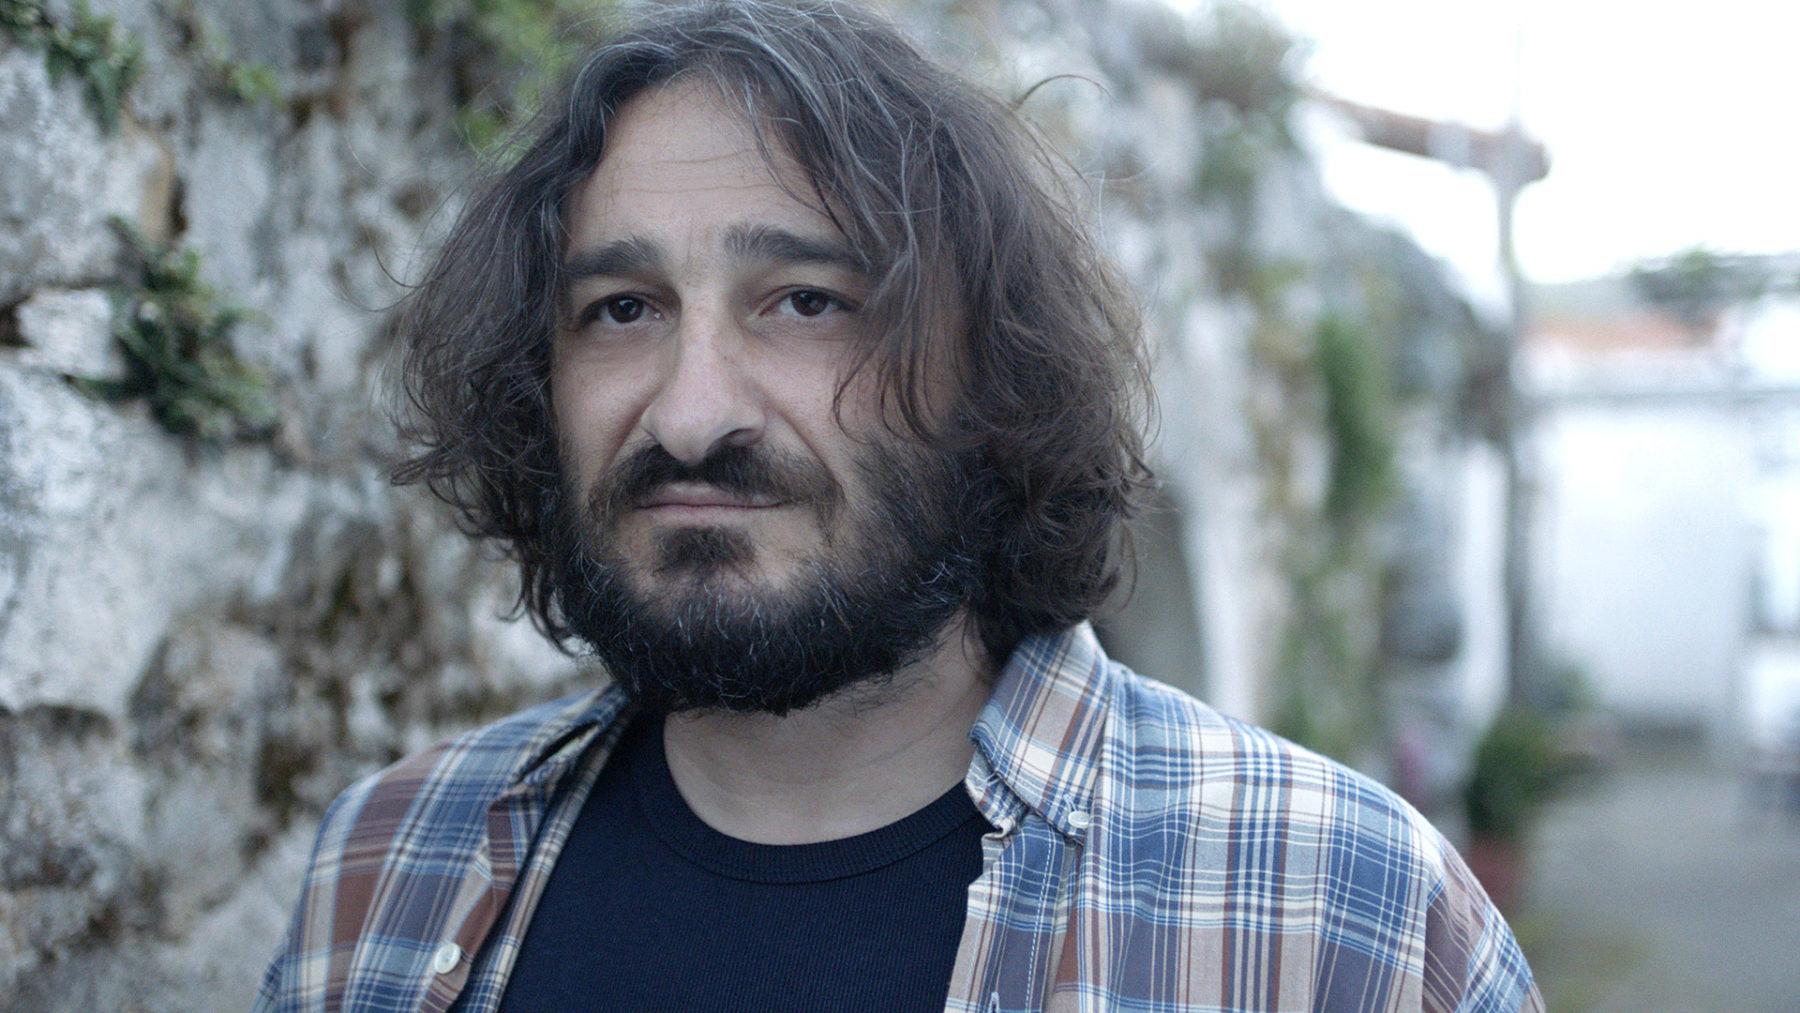 Βασίλης Χαραλαμπόπουλος: γυρίσματα με ρακές και πειράγματα